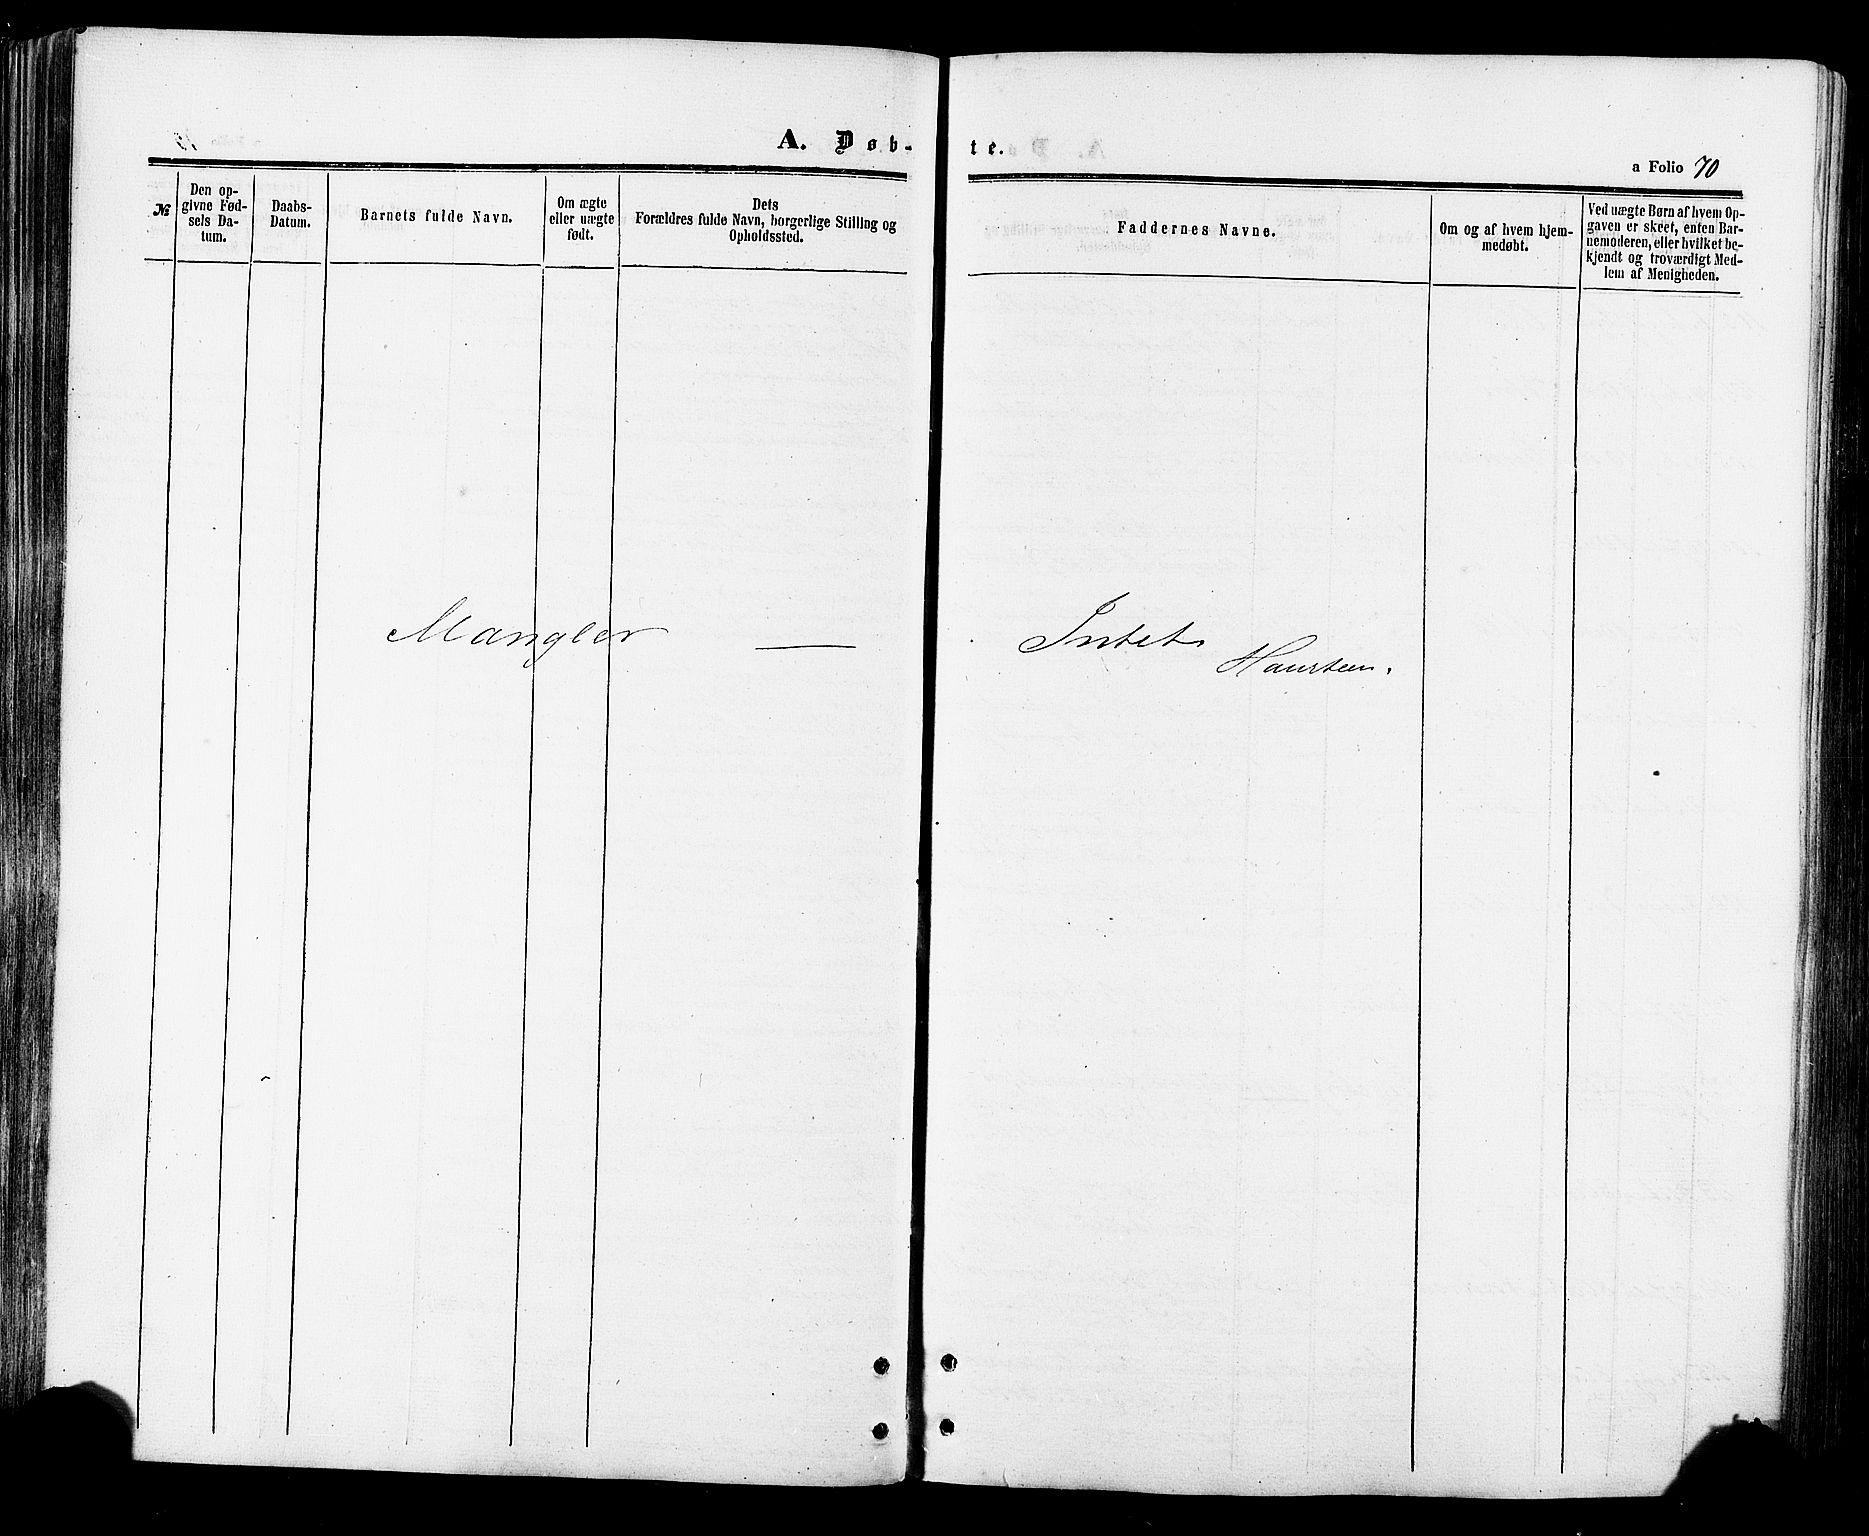 SAT, Ministerialprotokoller, klokkerbøker og fødselsregistre - Sør-Trøndelag, 695/L1147: Ministerialbok nr. 695A07, 1860-1877, s. 70